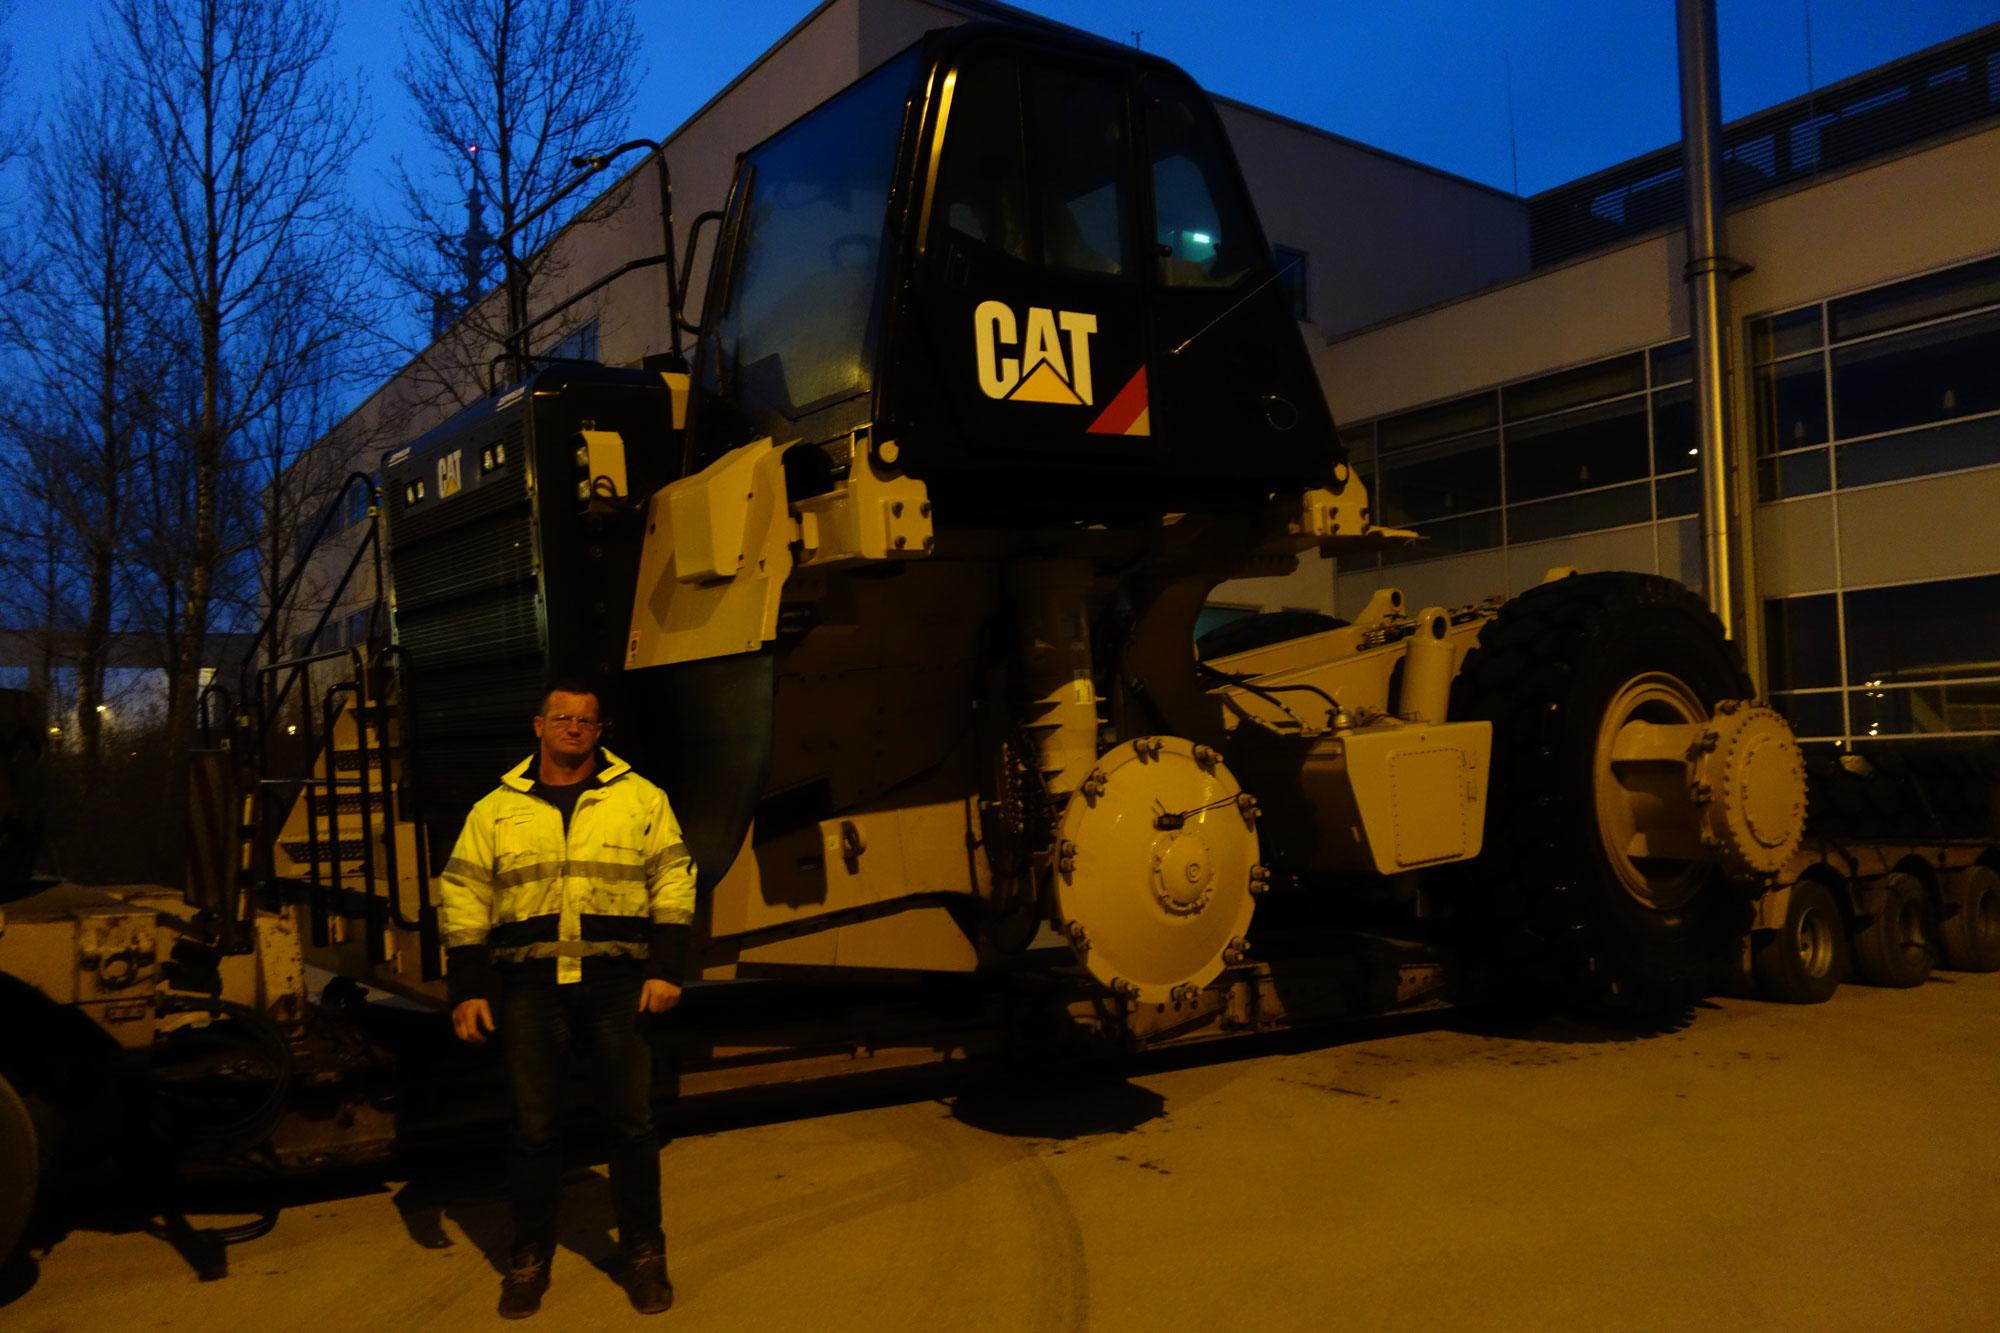 Fahrer Ronny Dittrich lieferte das Chassis des Cat Muldenkippers 777G wohlbehalten ab.